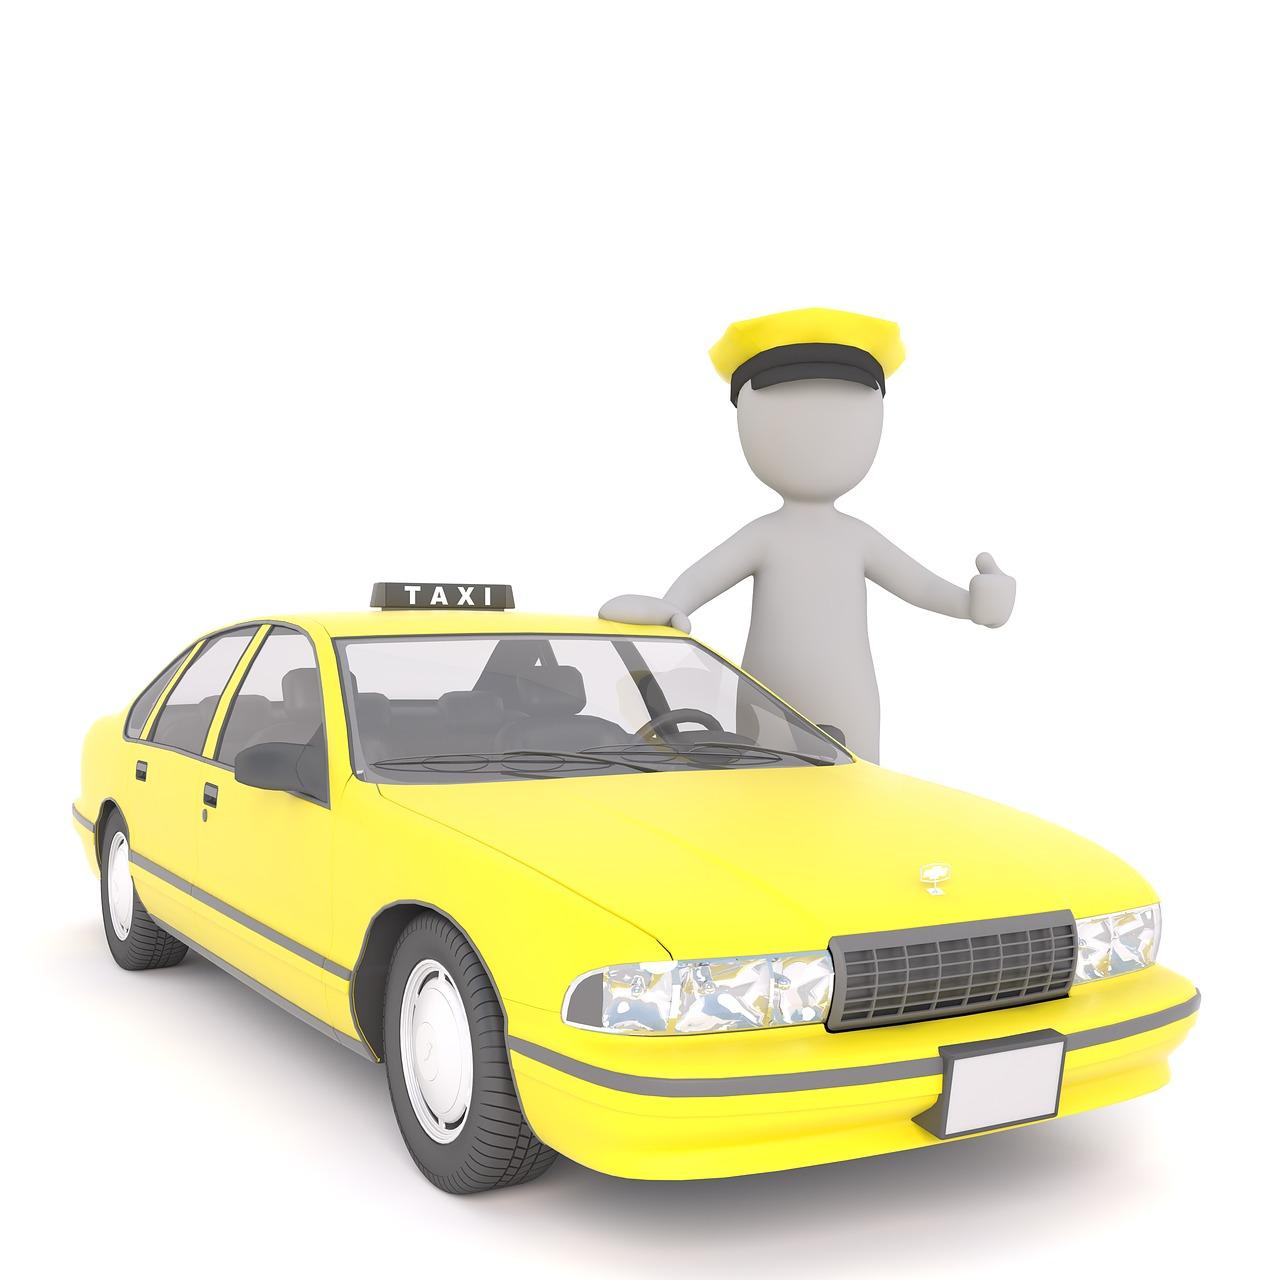 年収600万円のスカウトメールが来たので読んで見たらタクシードライバーだった